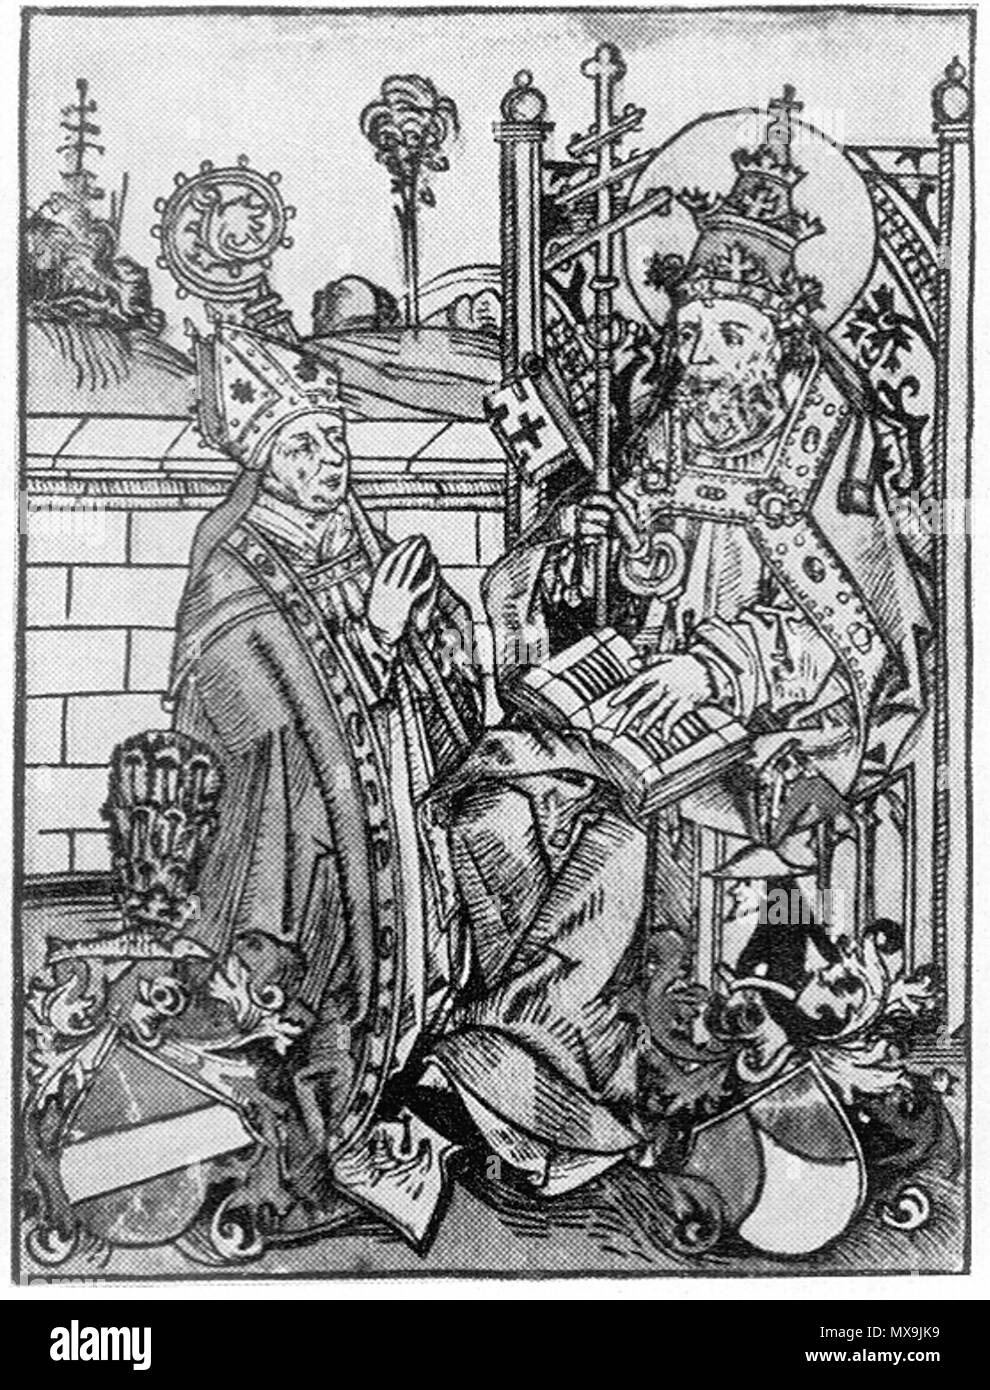 . Deutsch: Darstellung des Regensburger Bischofs Heinrich IV. von Absberg (kniend, mit dem Hl. Petrus) . c. 1480s. Michael Wolgemut (d. 1519) 271 HeinrichAbsberg - Stock Image